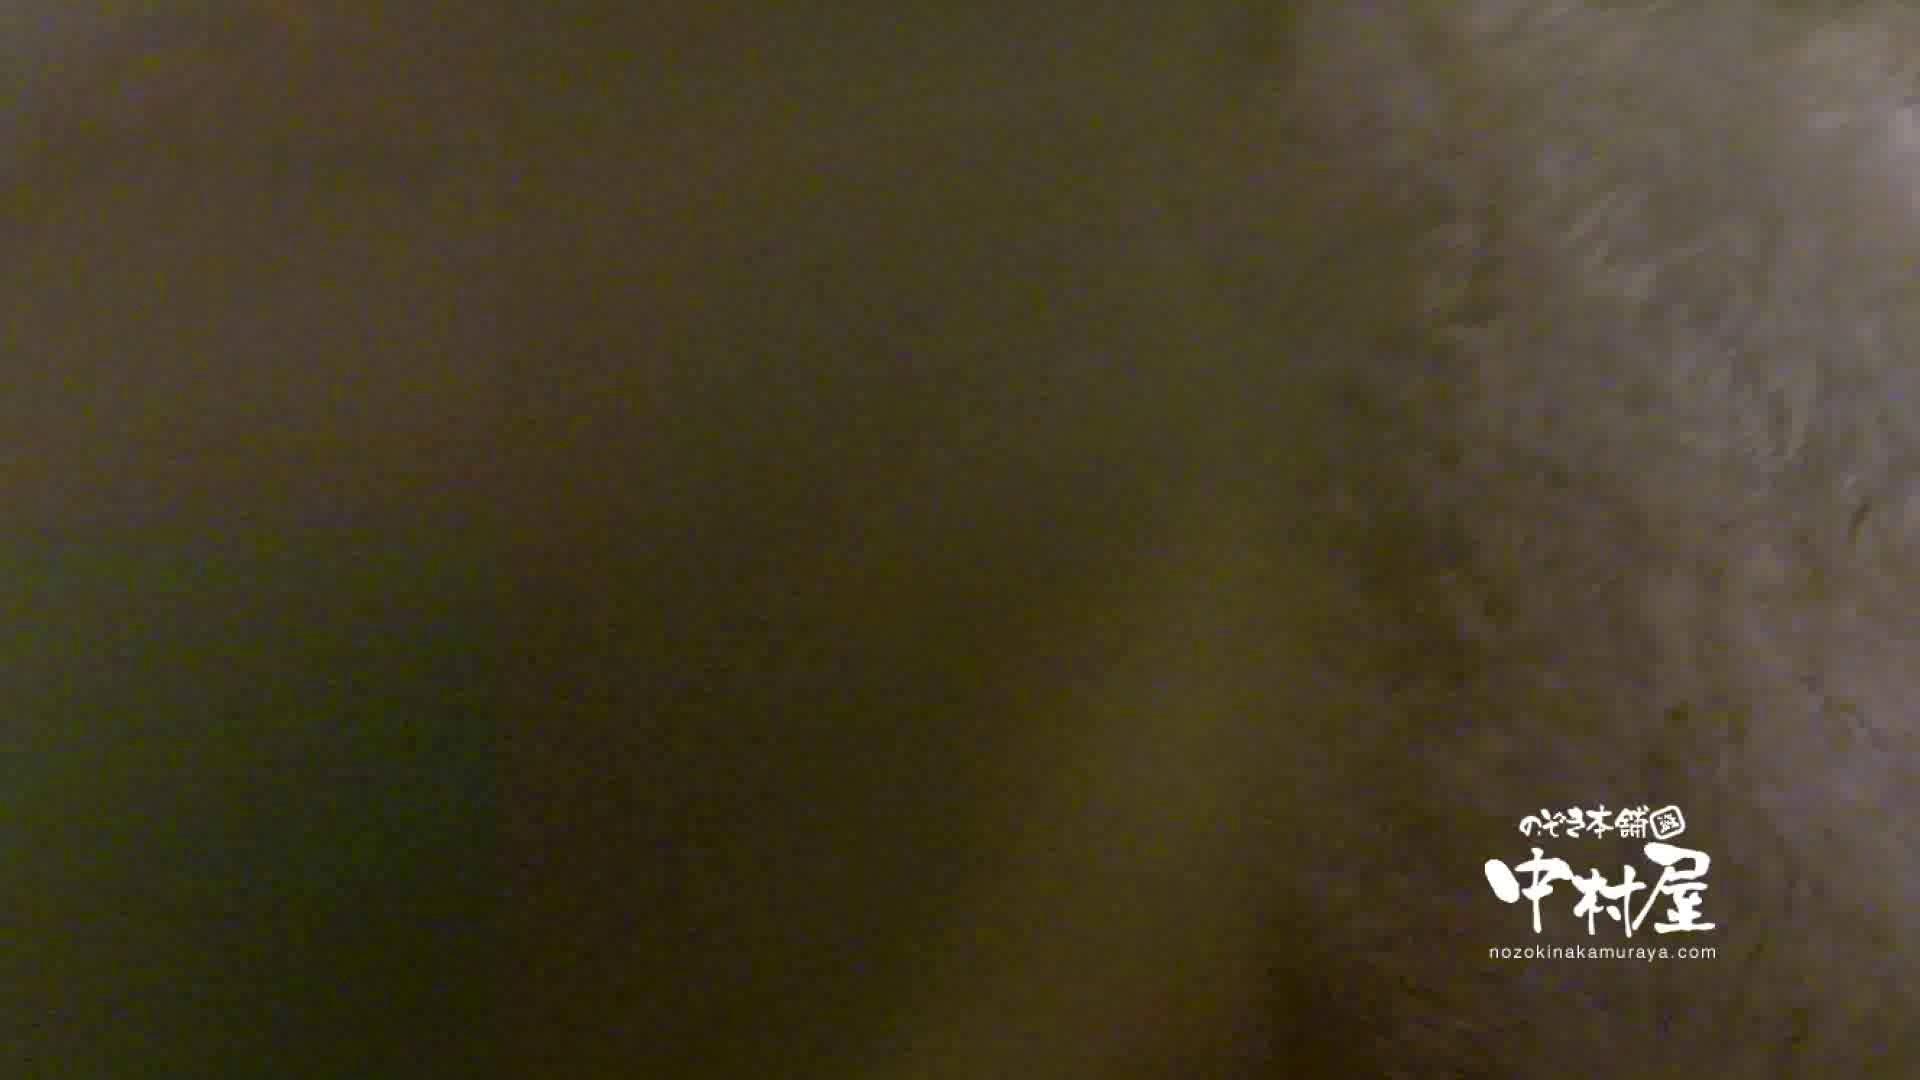 鬼畜 vol.17 中に出さないでください(アニメ声で懇願) 前編 セックス  89枚 19